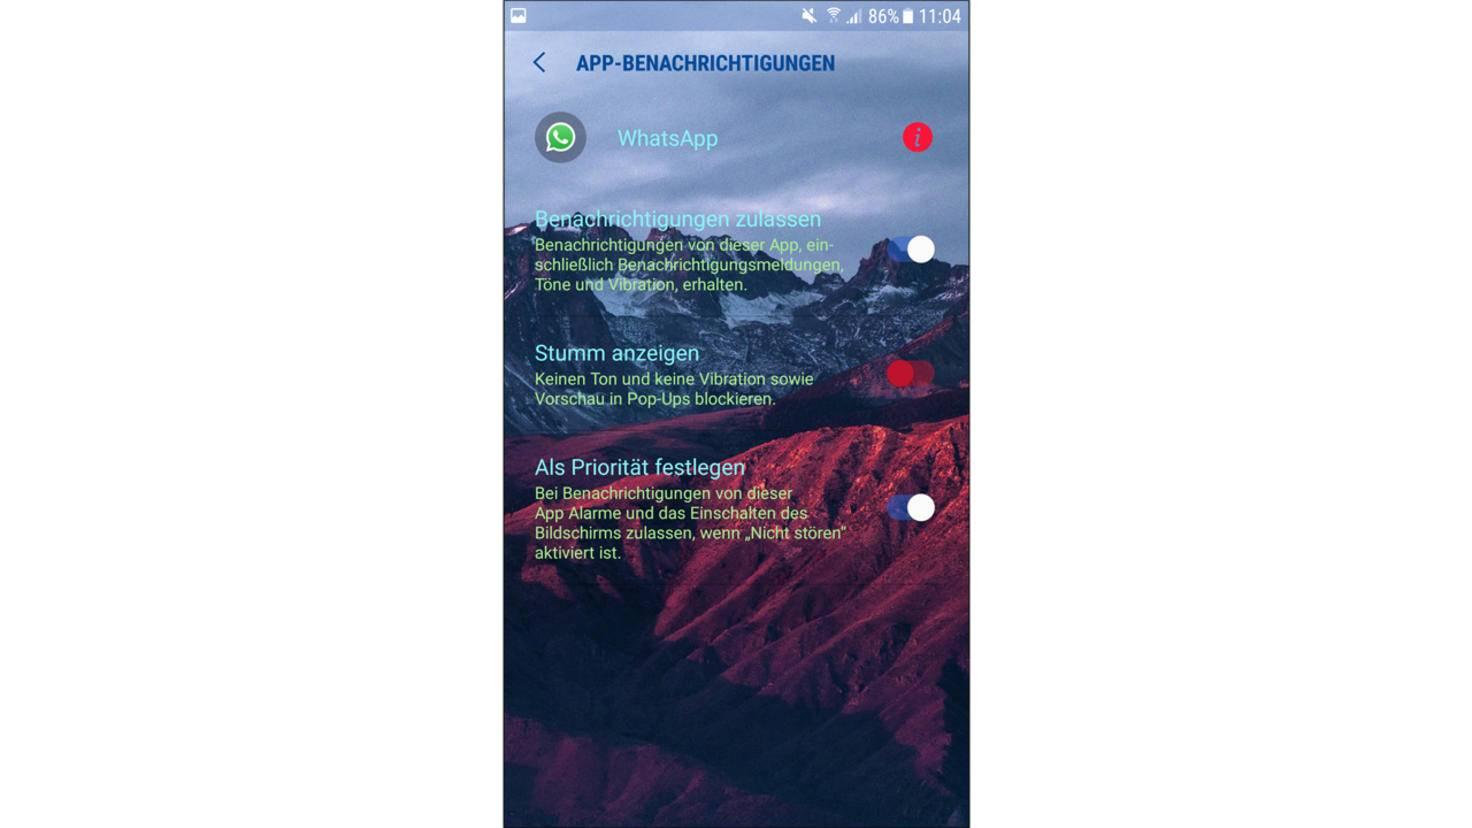 fehler beim herunterladen von whatsapp android